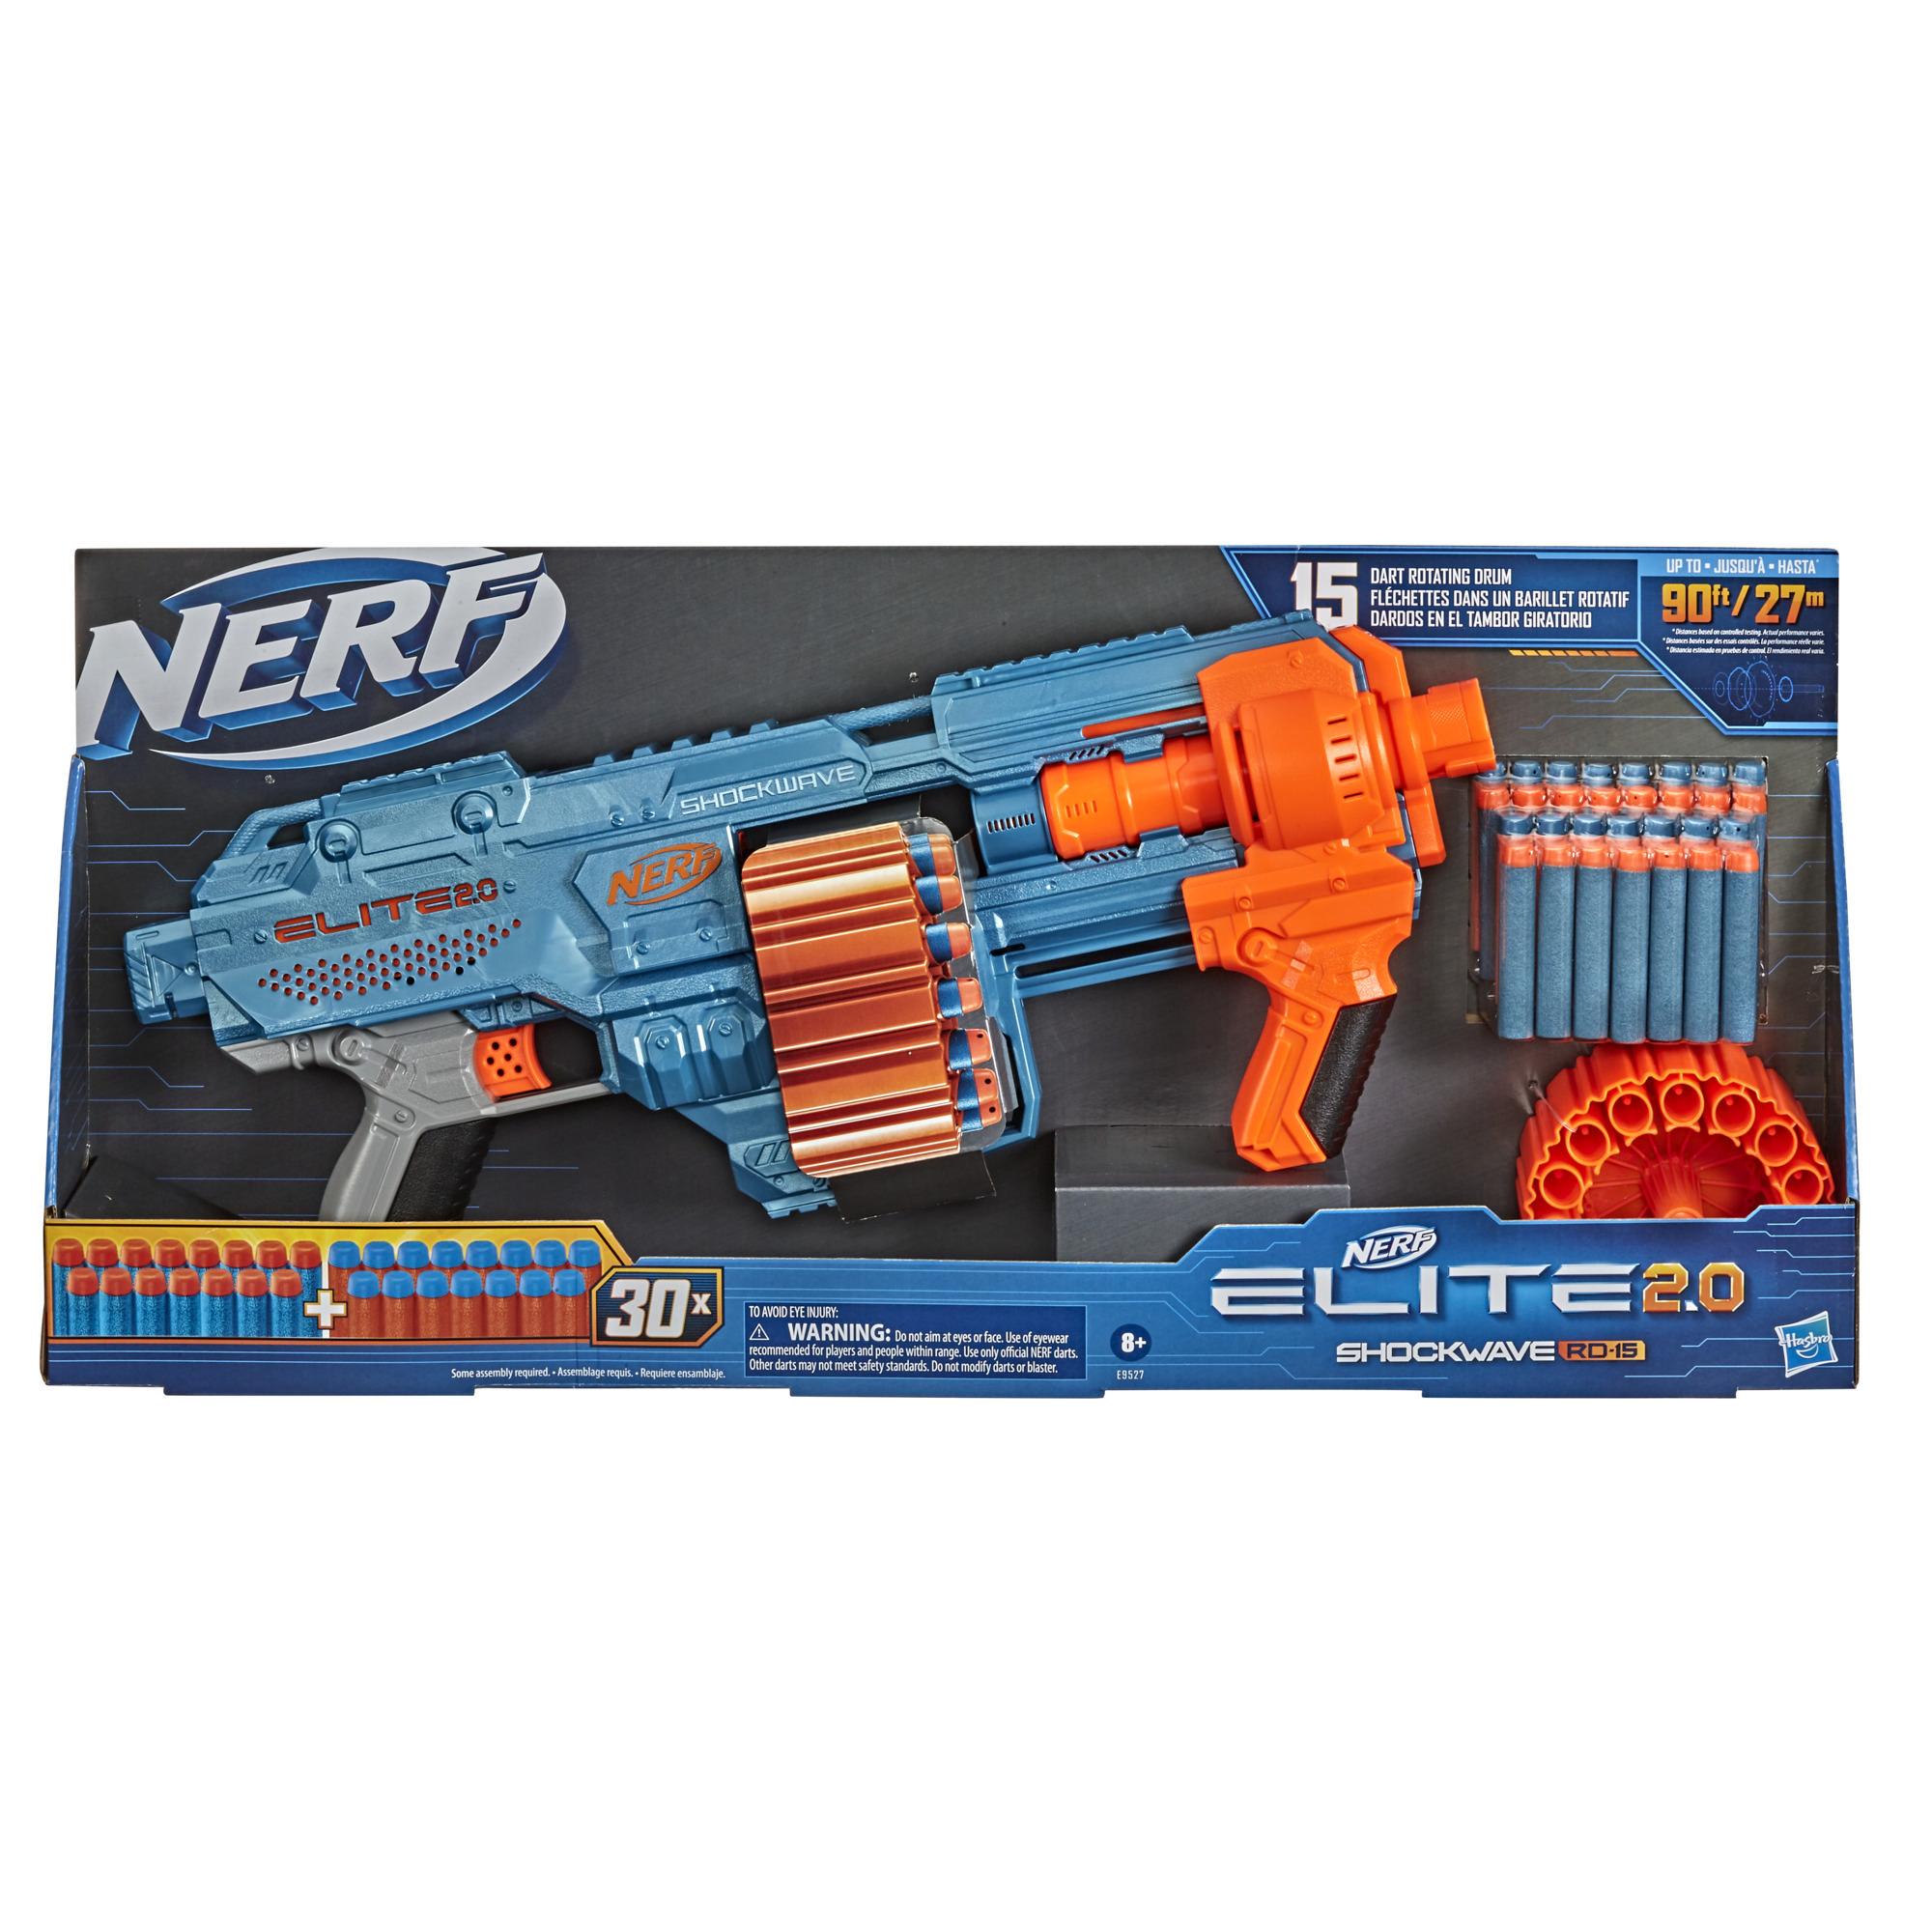 Nerf Elite 2.0 Shockwave RD-15 Blaster, 30 Nerf-pilar, Roterande trumma för 15 pilar, Slam Fire, Anpassningsmöjligheter